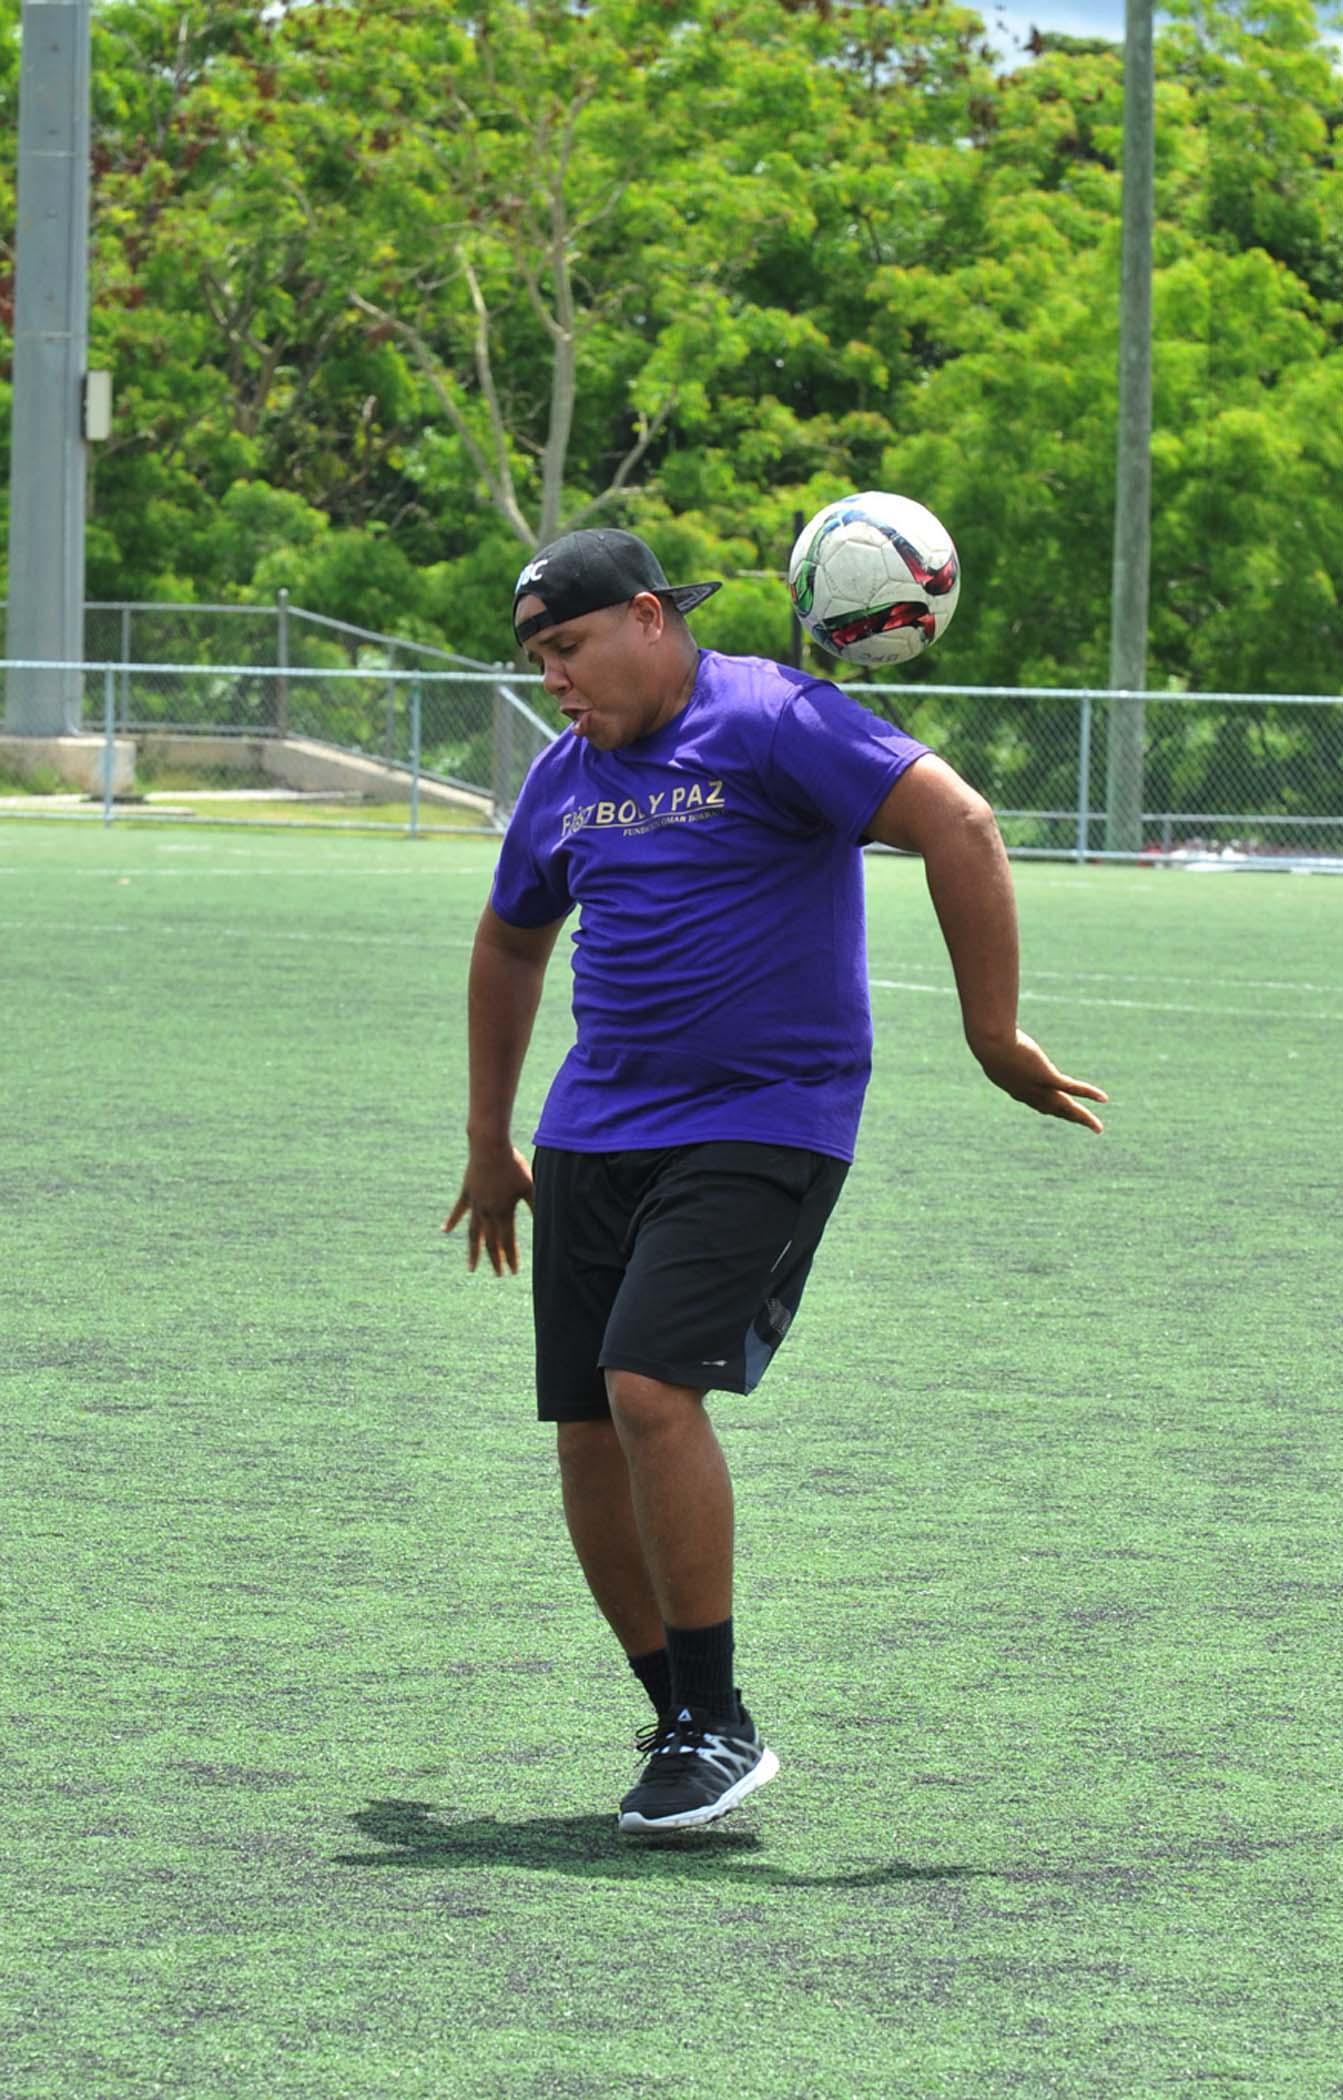 Jugador del equipo violeta